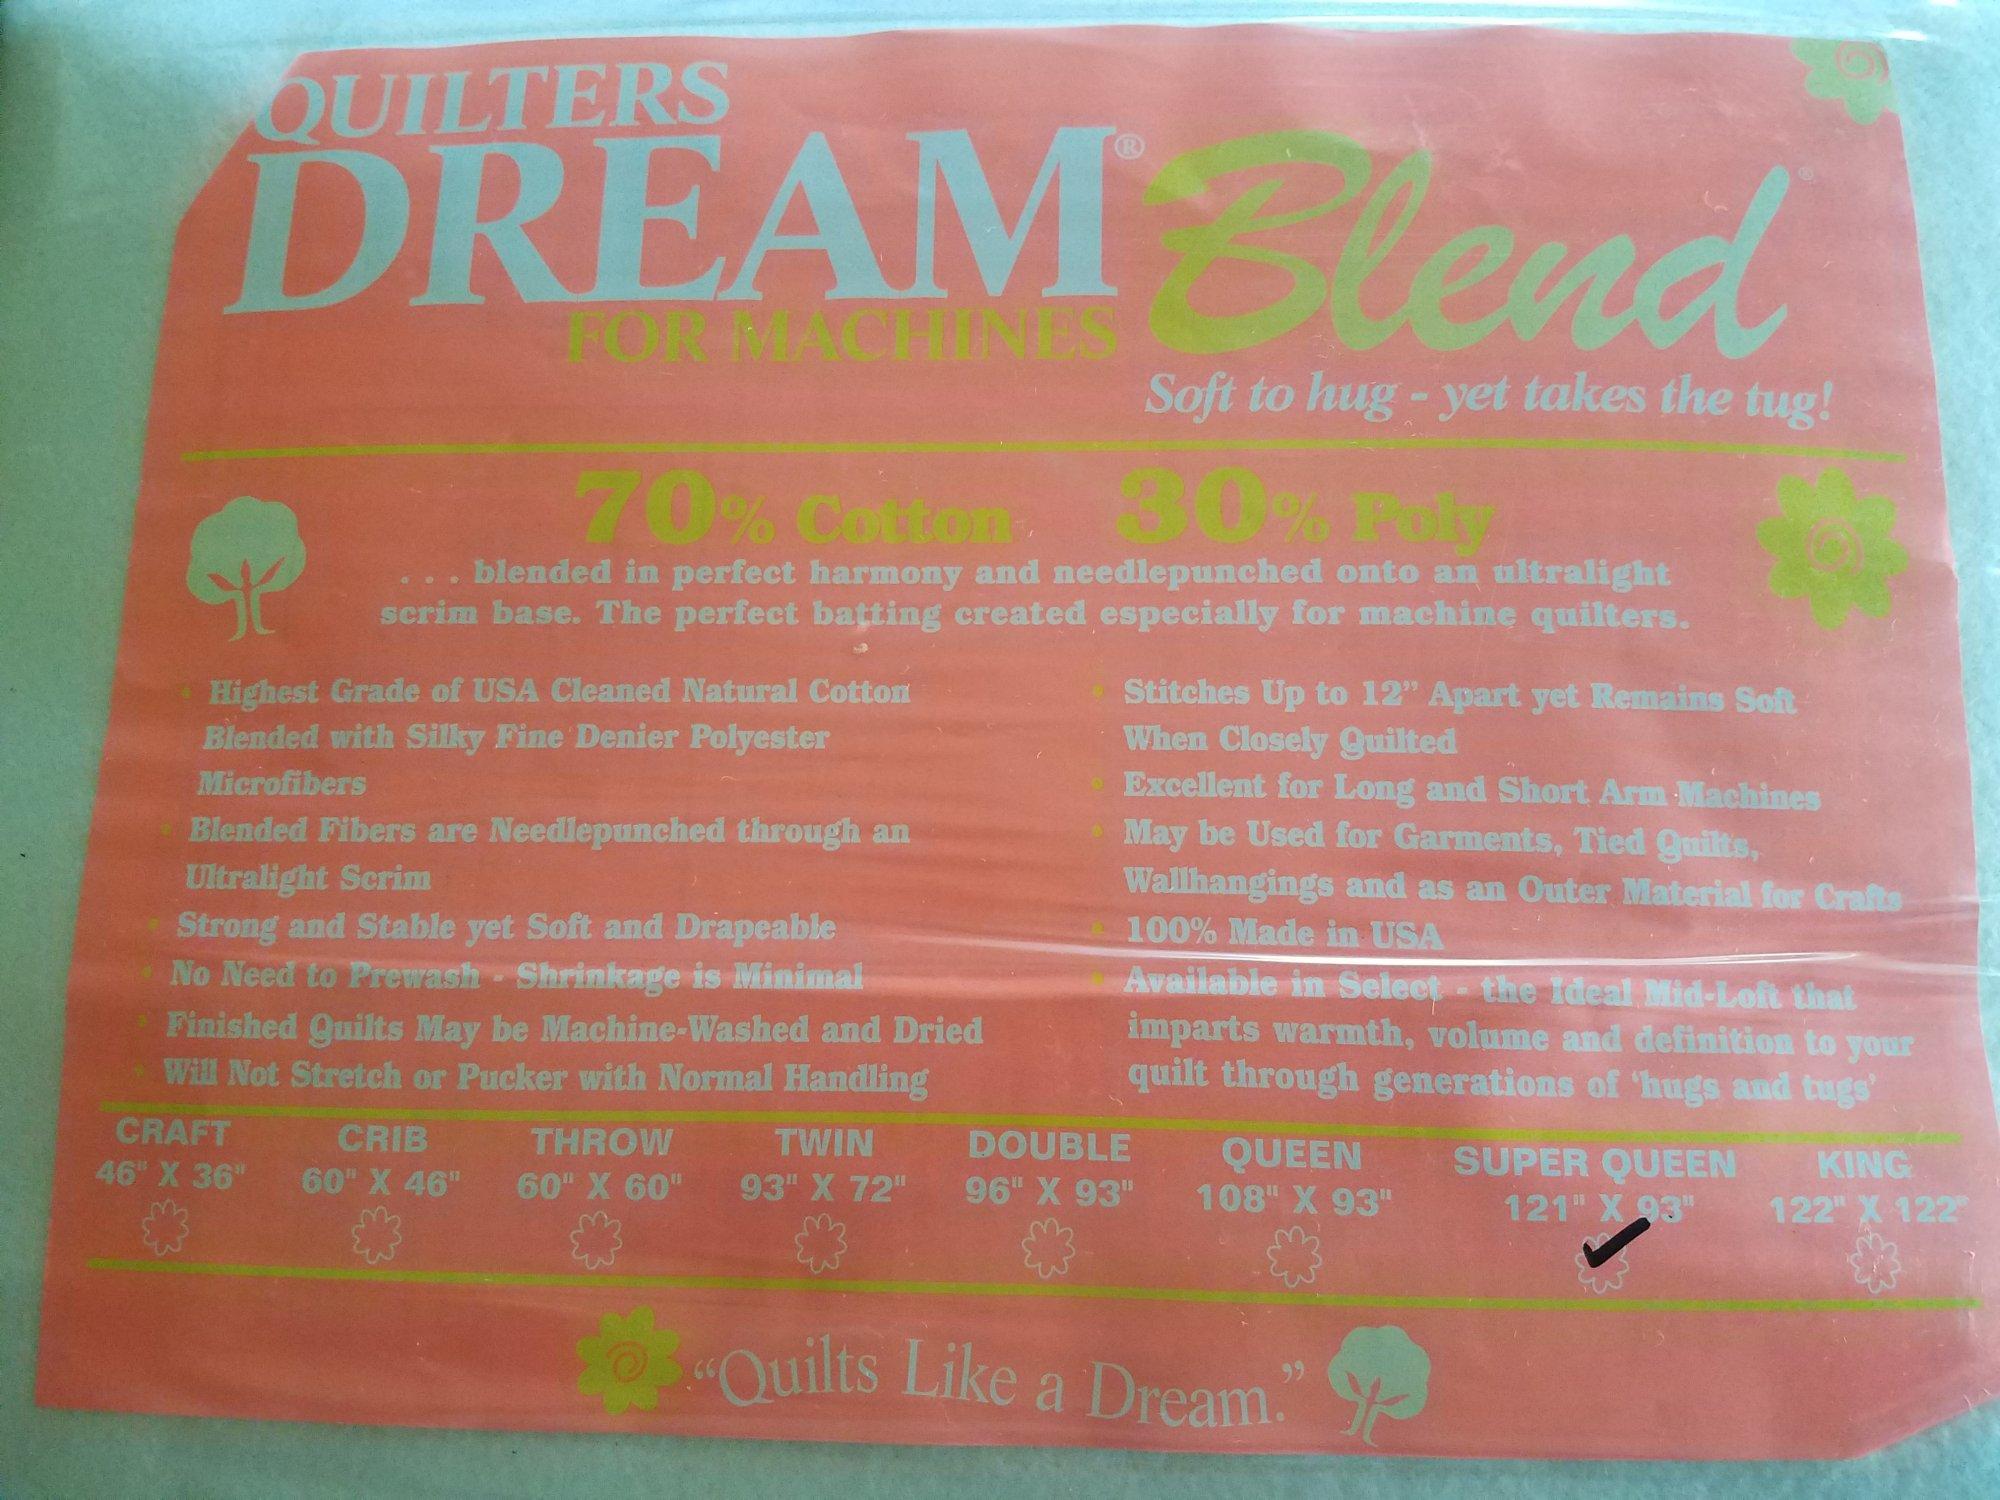 Dream Blend 70/30 Supr Queen